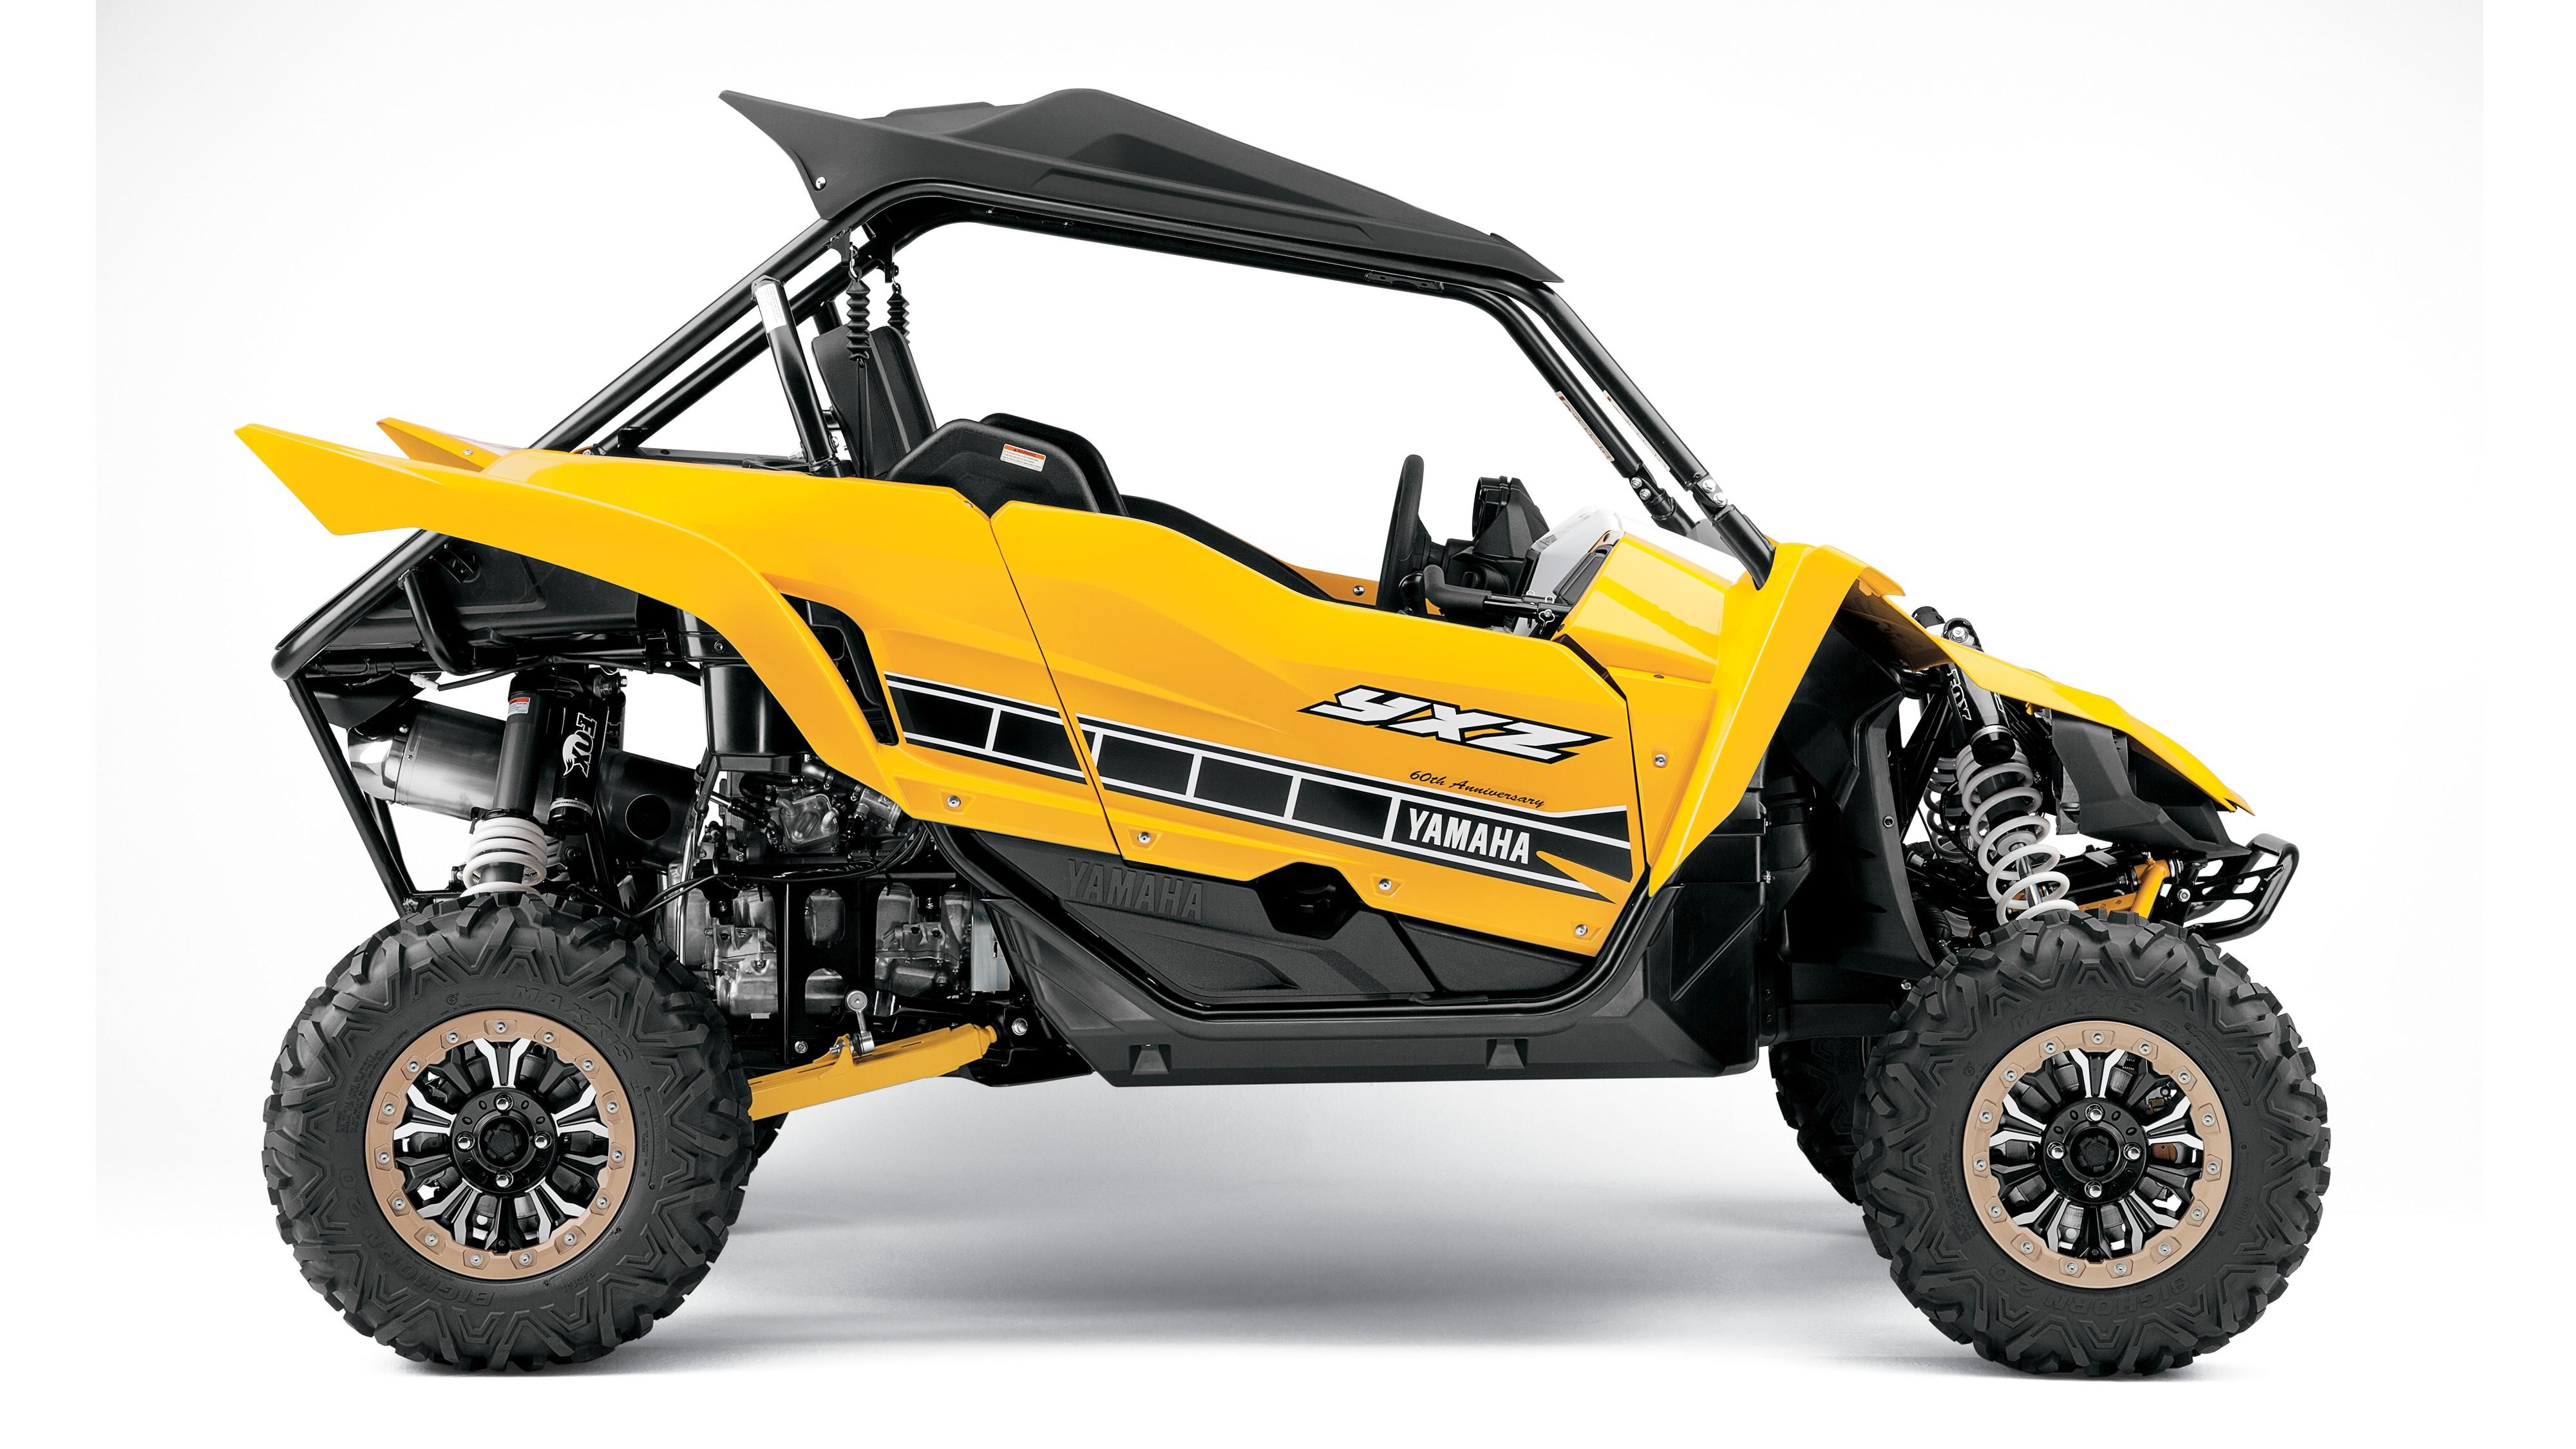 2016 Yamaha Yxr1000r Special Edition